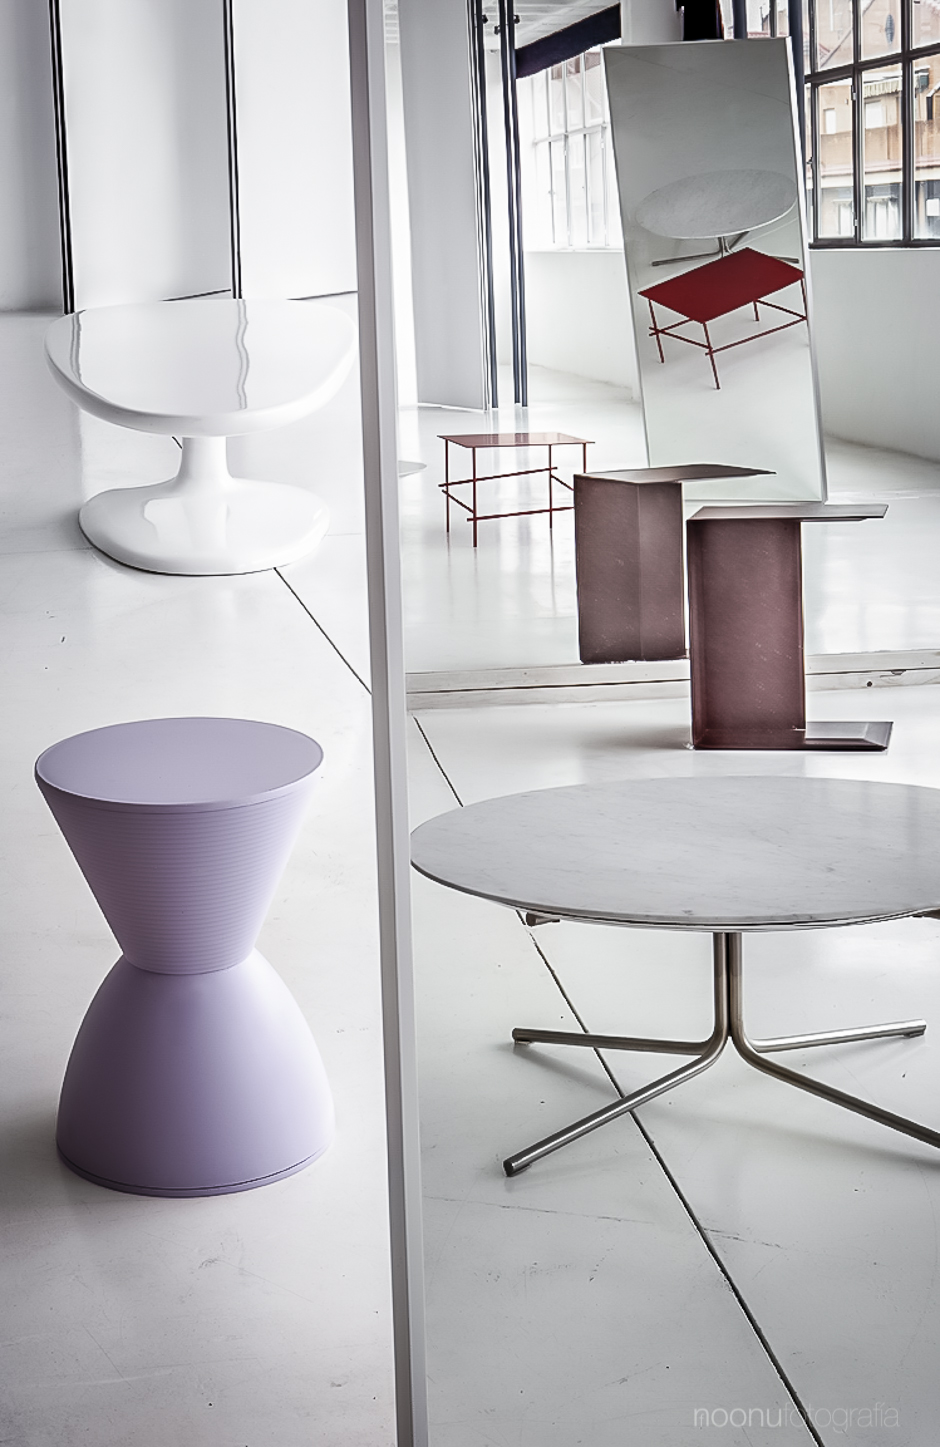 Noonu-fotografo-de-espacios-interiores-madrid-sillas 5